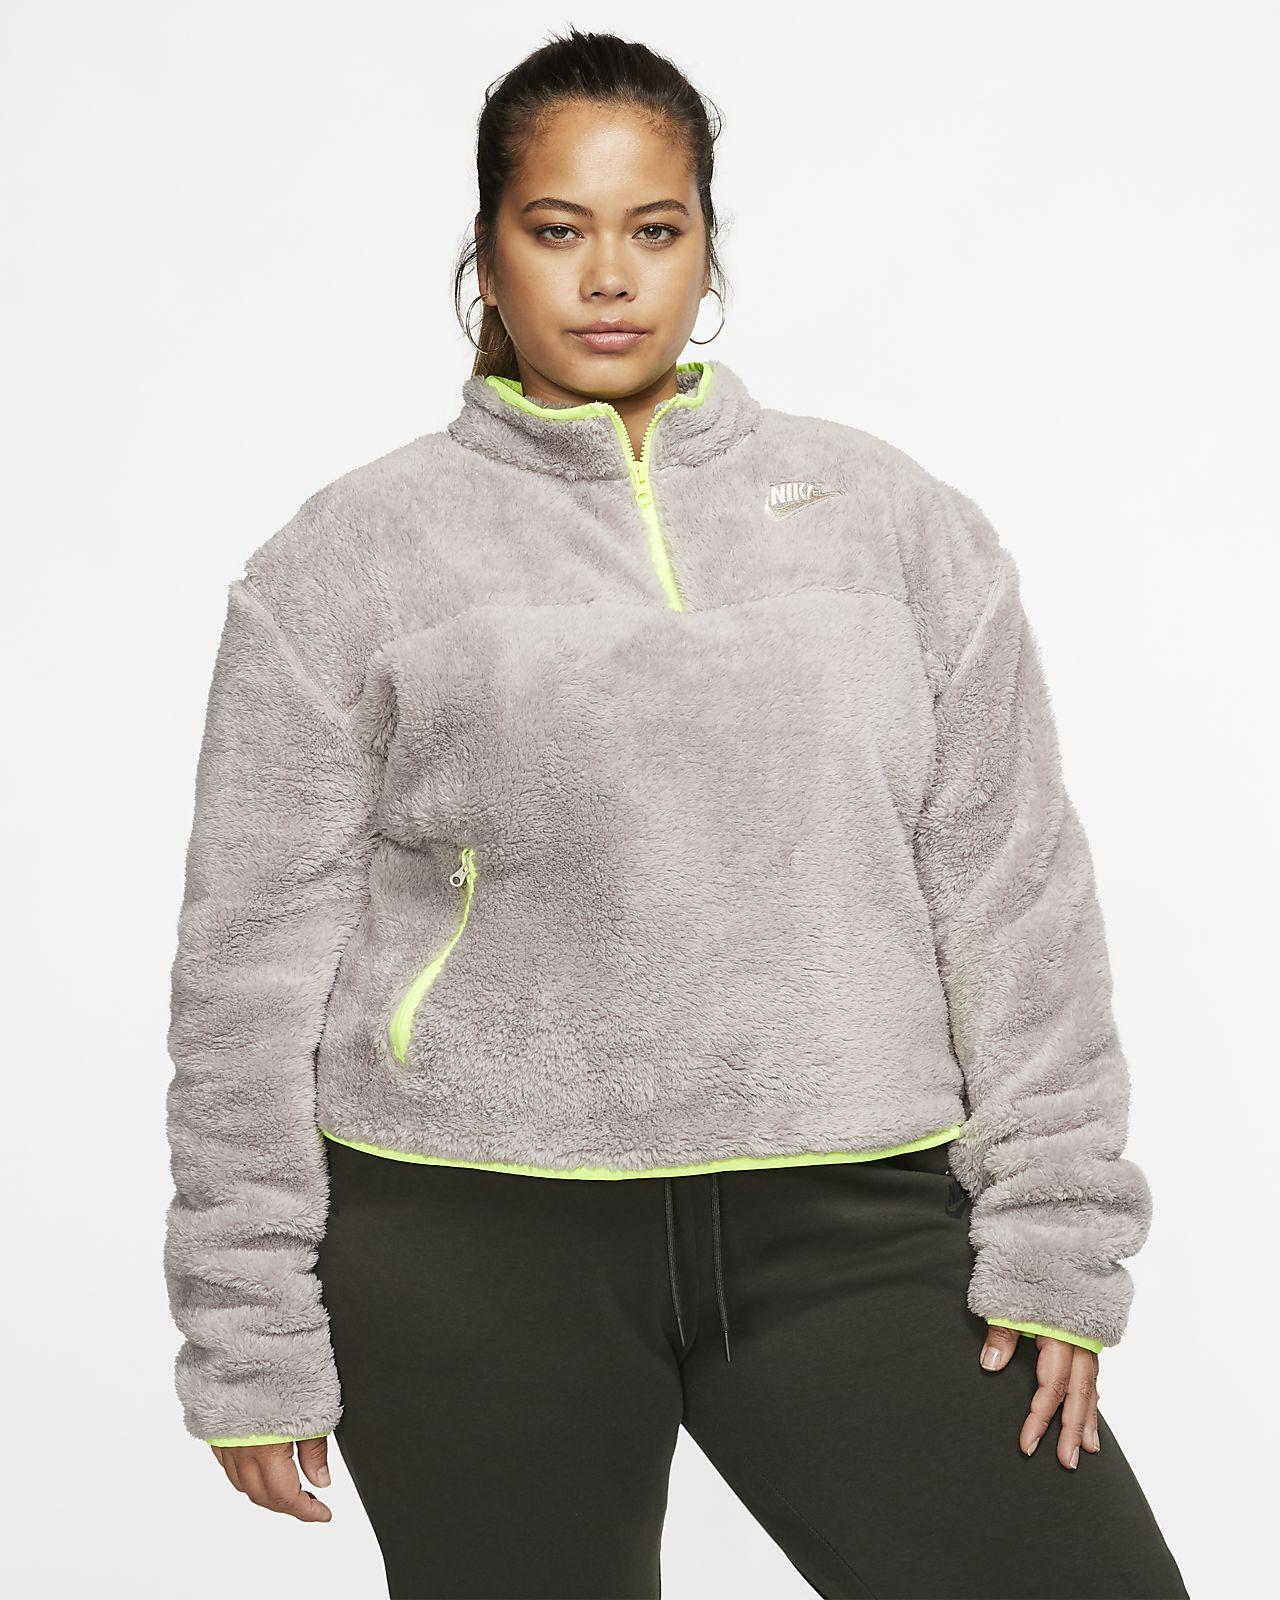 Nike Sportswear Women's Sherpa Fleece 1/4-Zip Top (Plus Size)